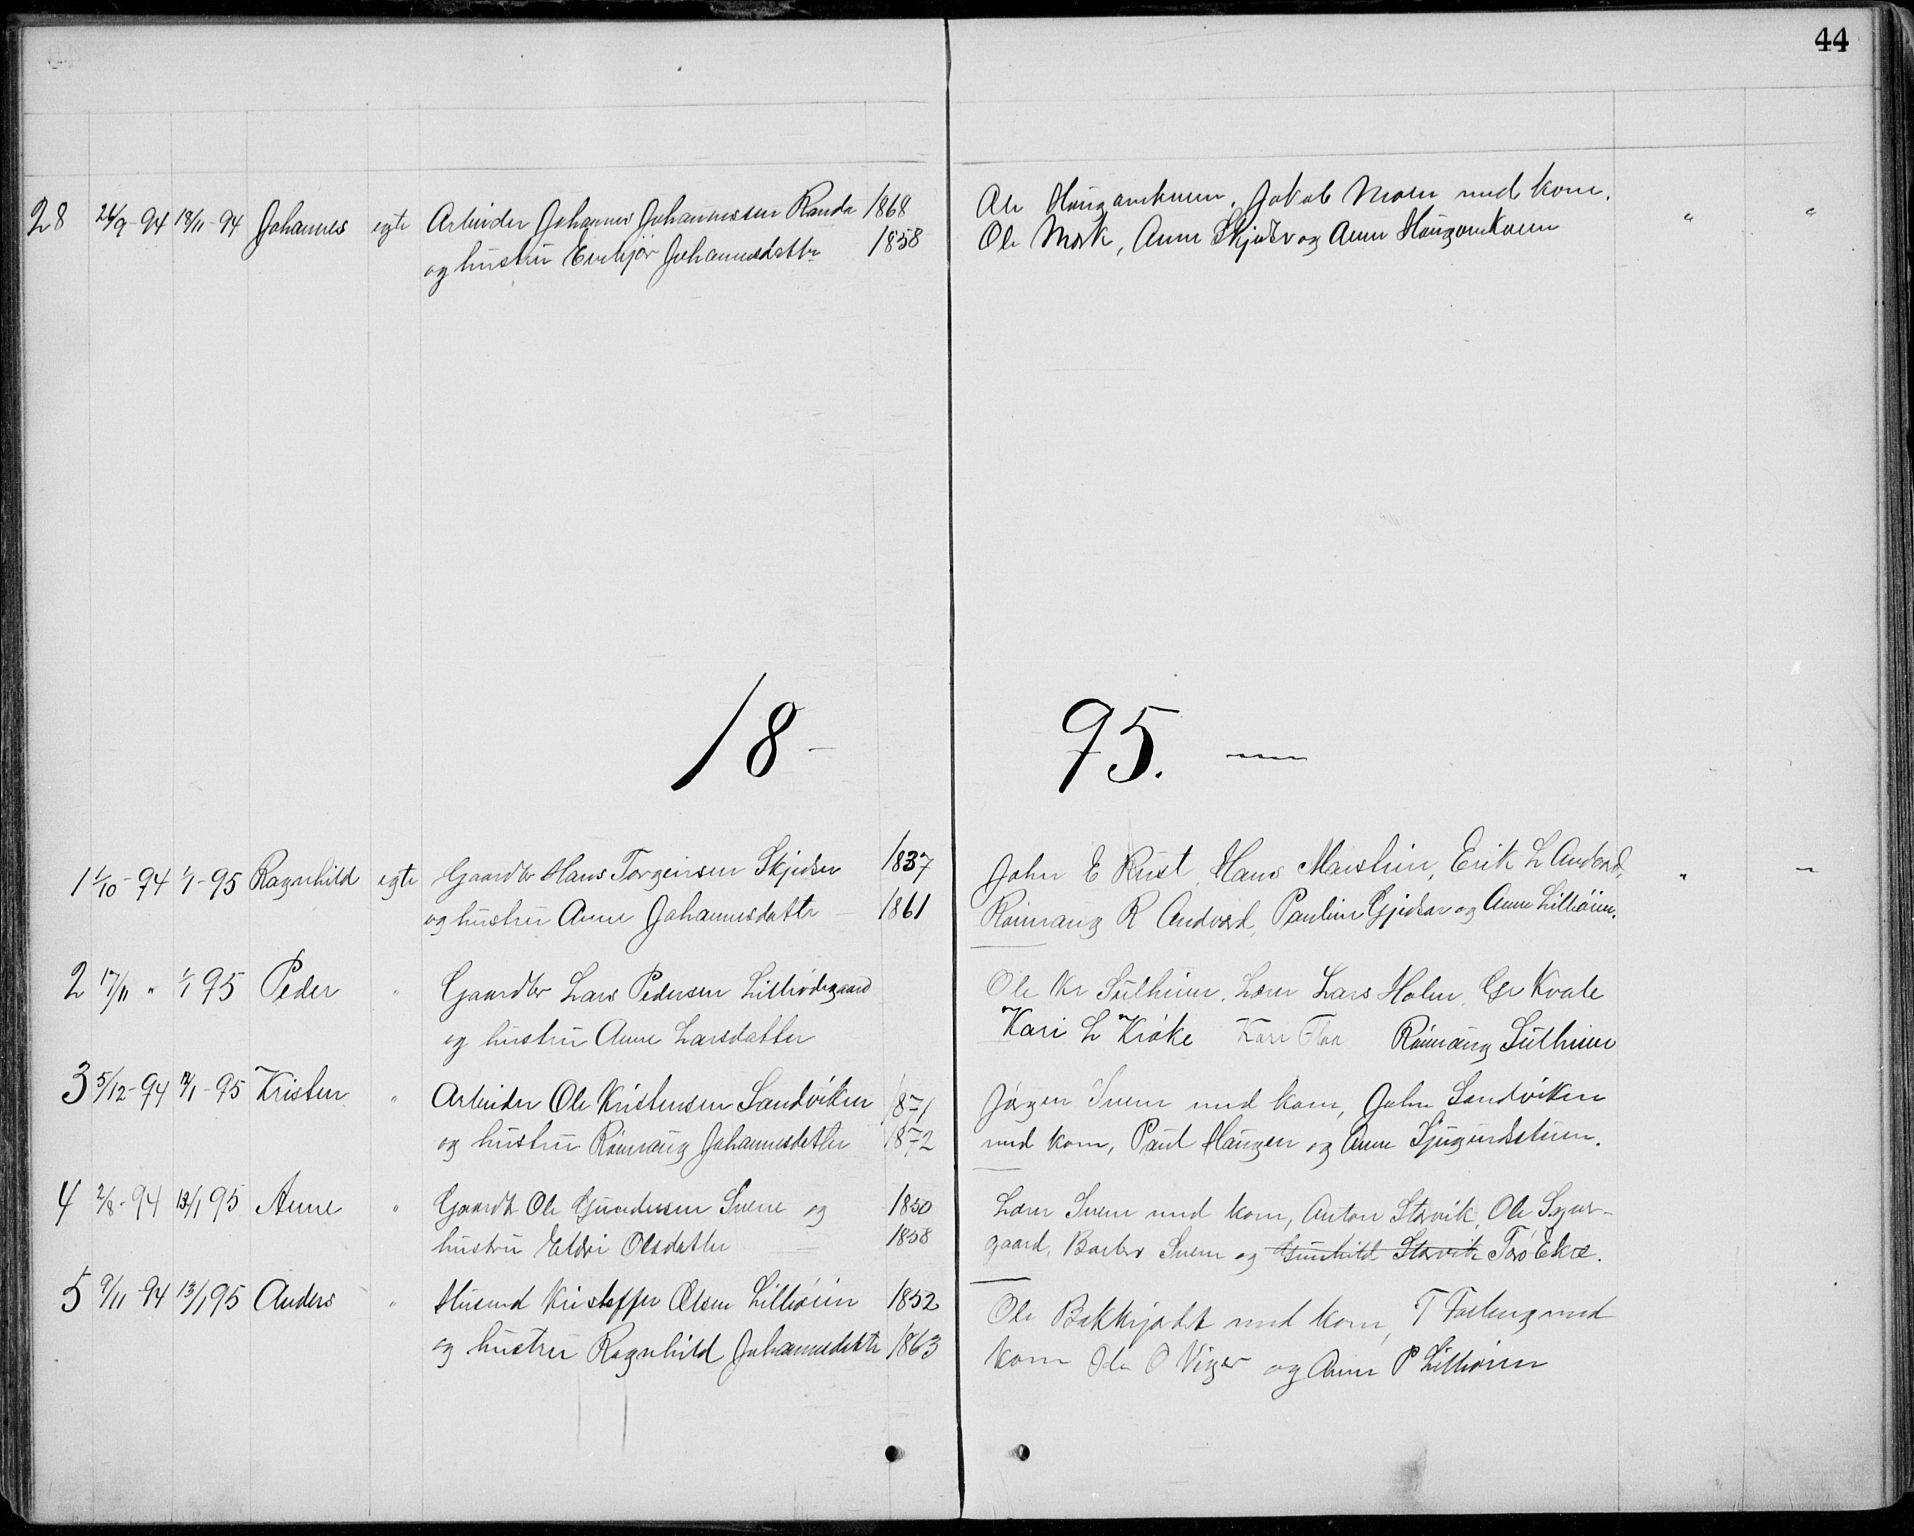 SAH, Lom prestekontor, L/L0013: Klokkerbok nr. 13, 1874-1938, s. 44